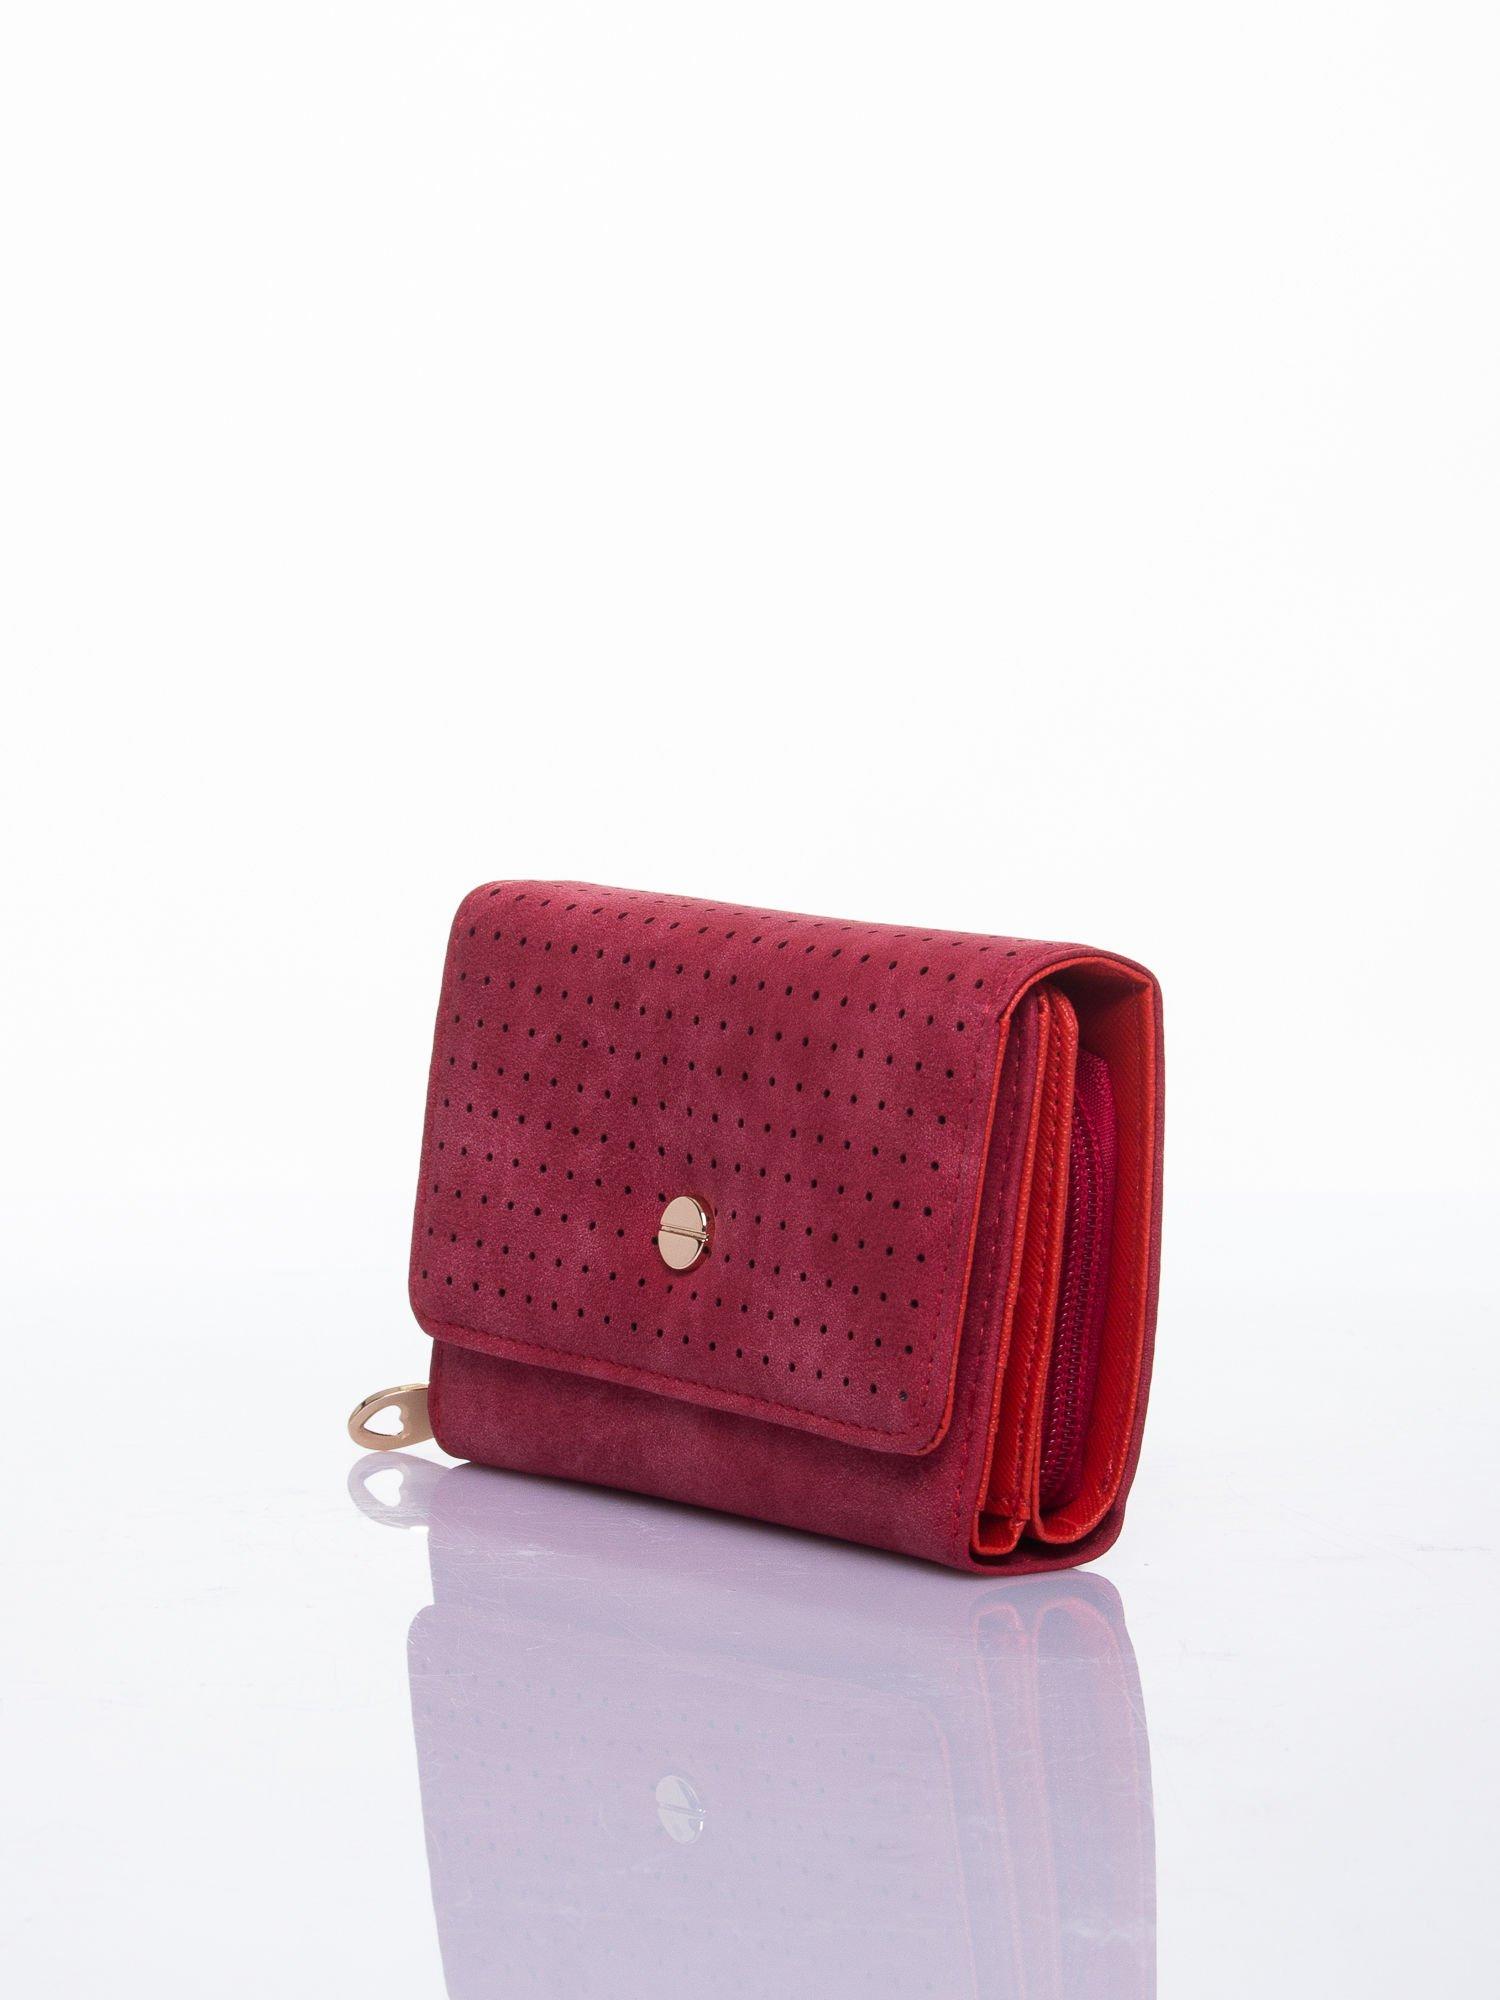 Czerwony ażurowany portfel ze złotym zapięciem                                  zdj.                                  2